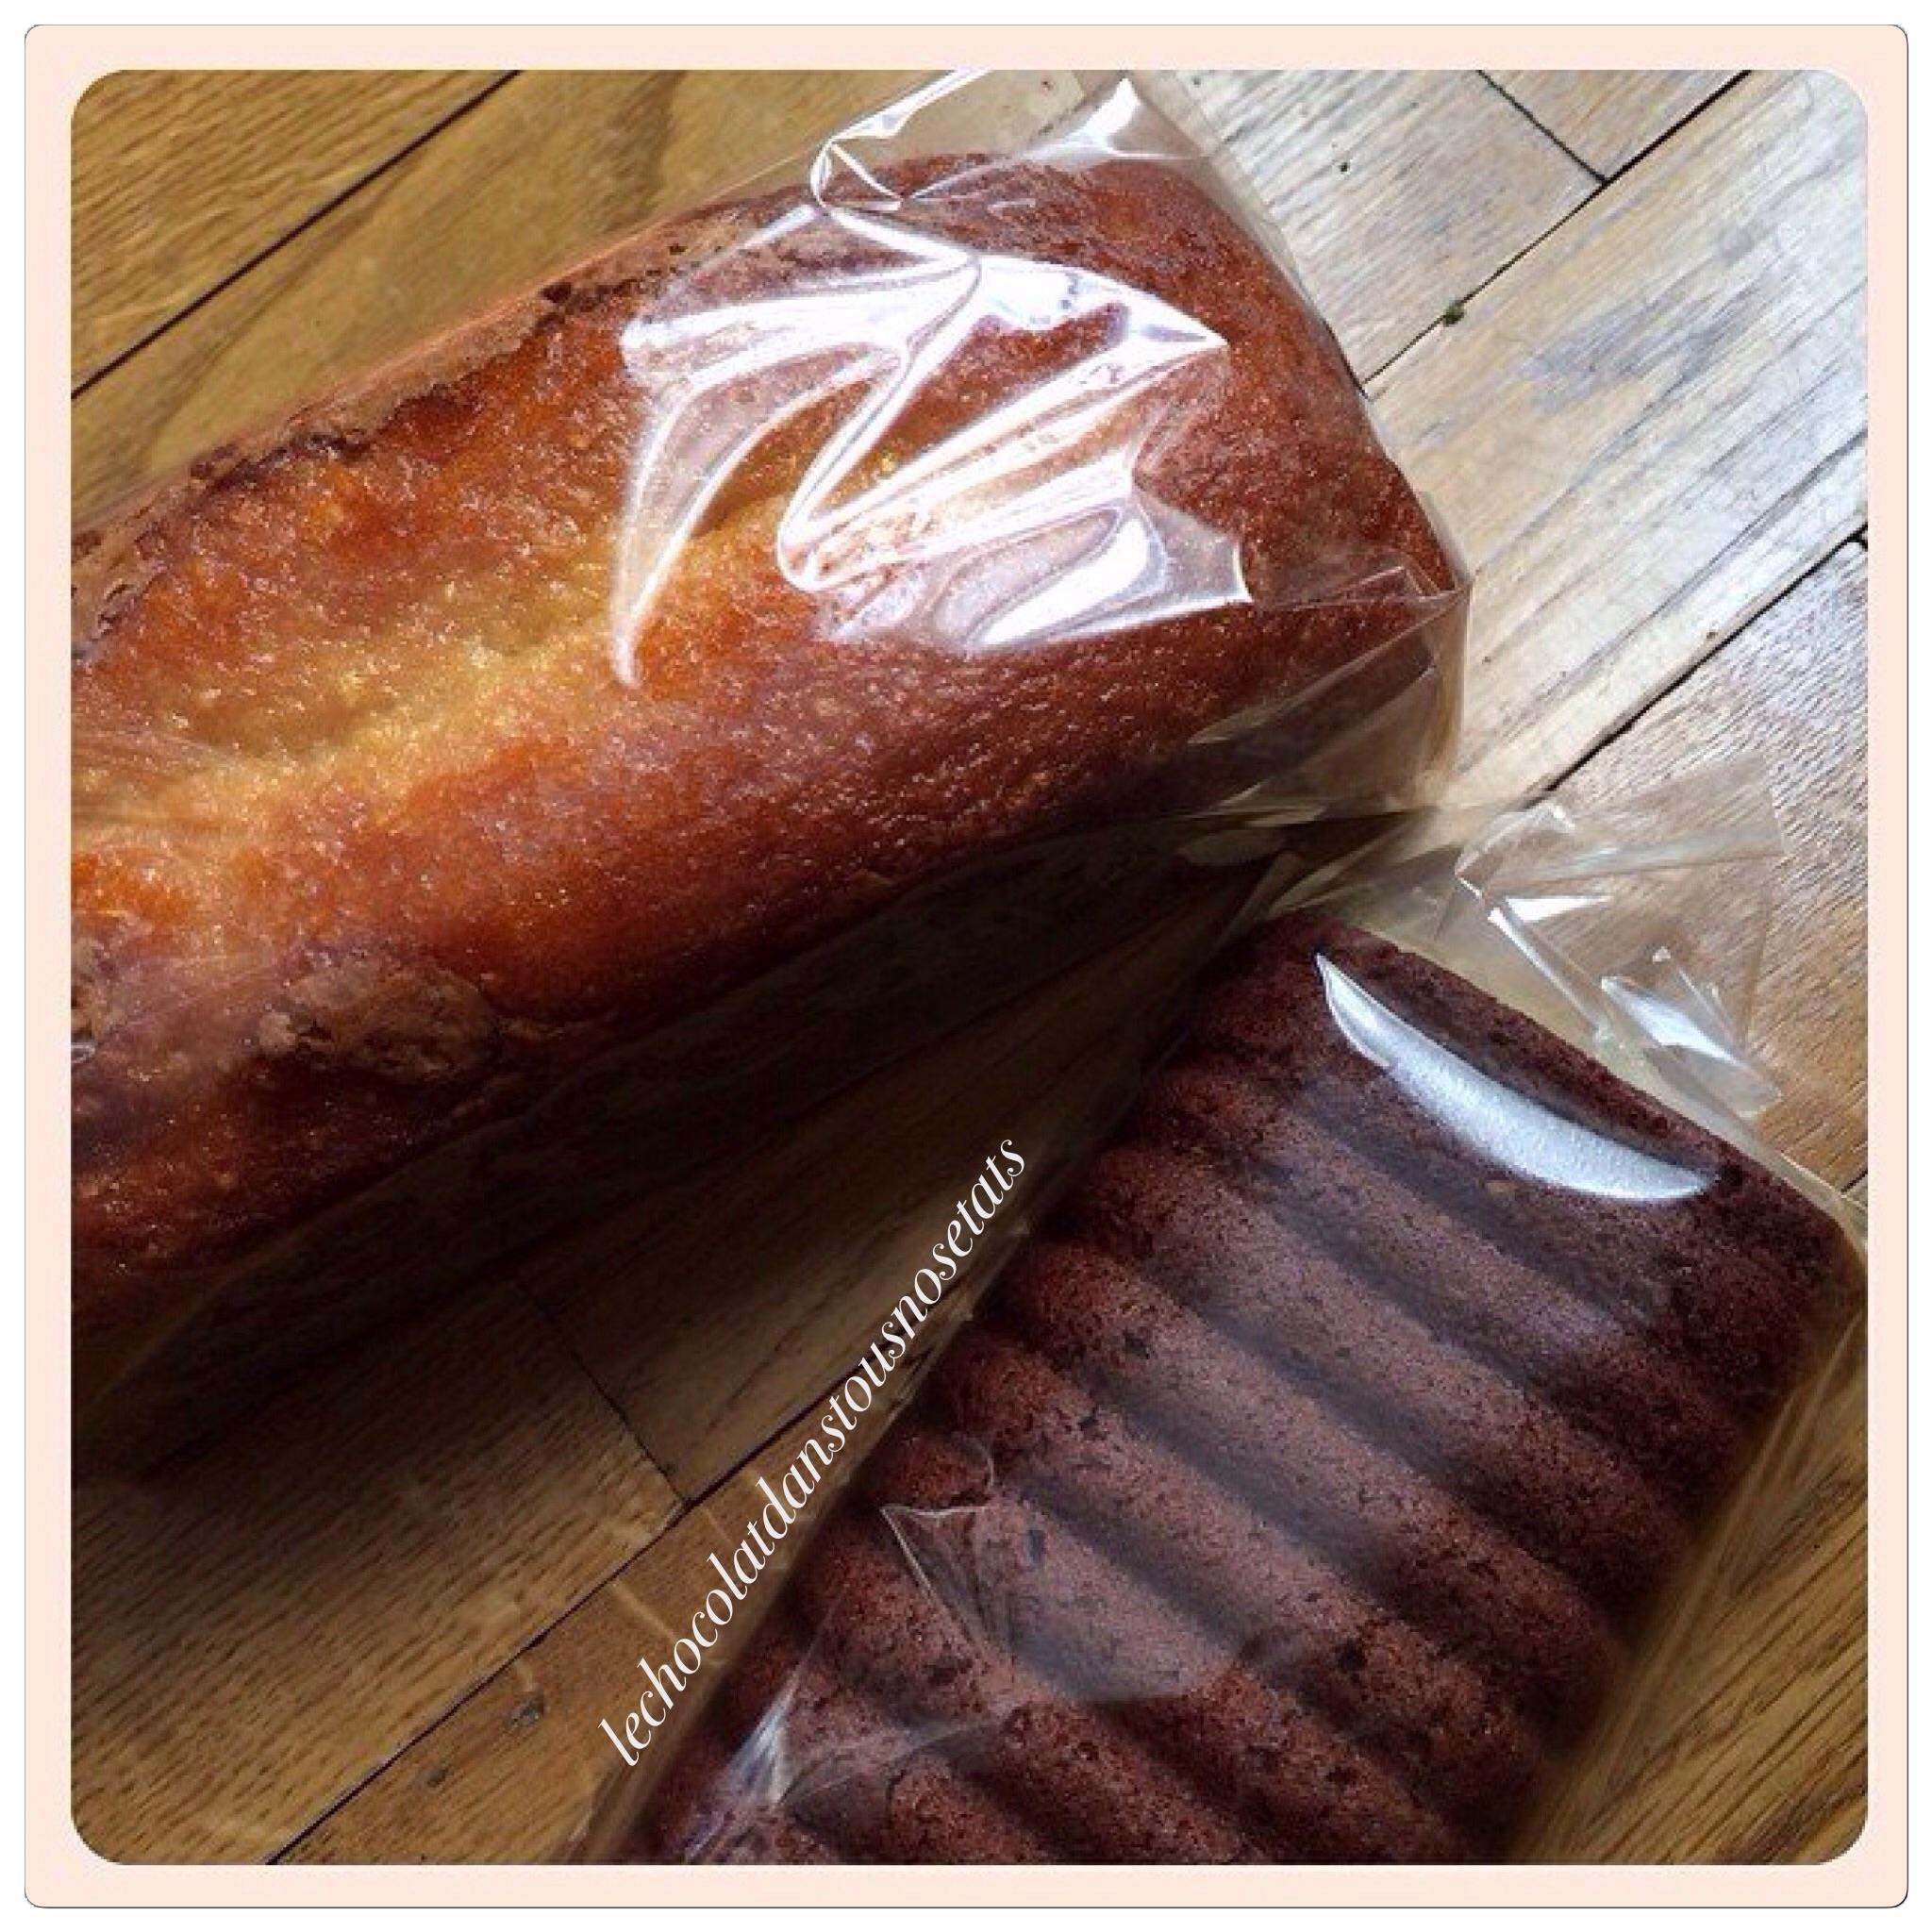 Pleyel et Cake au citron, La Maison du Chocolat